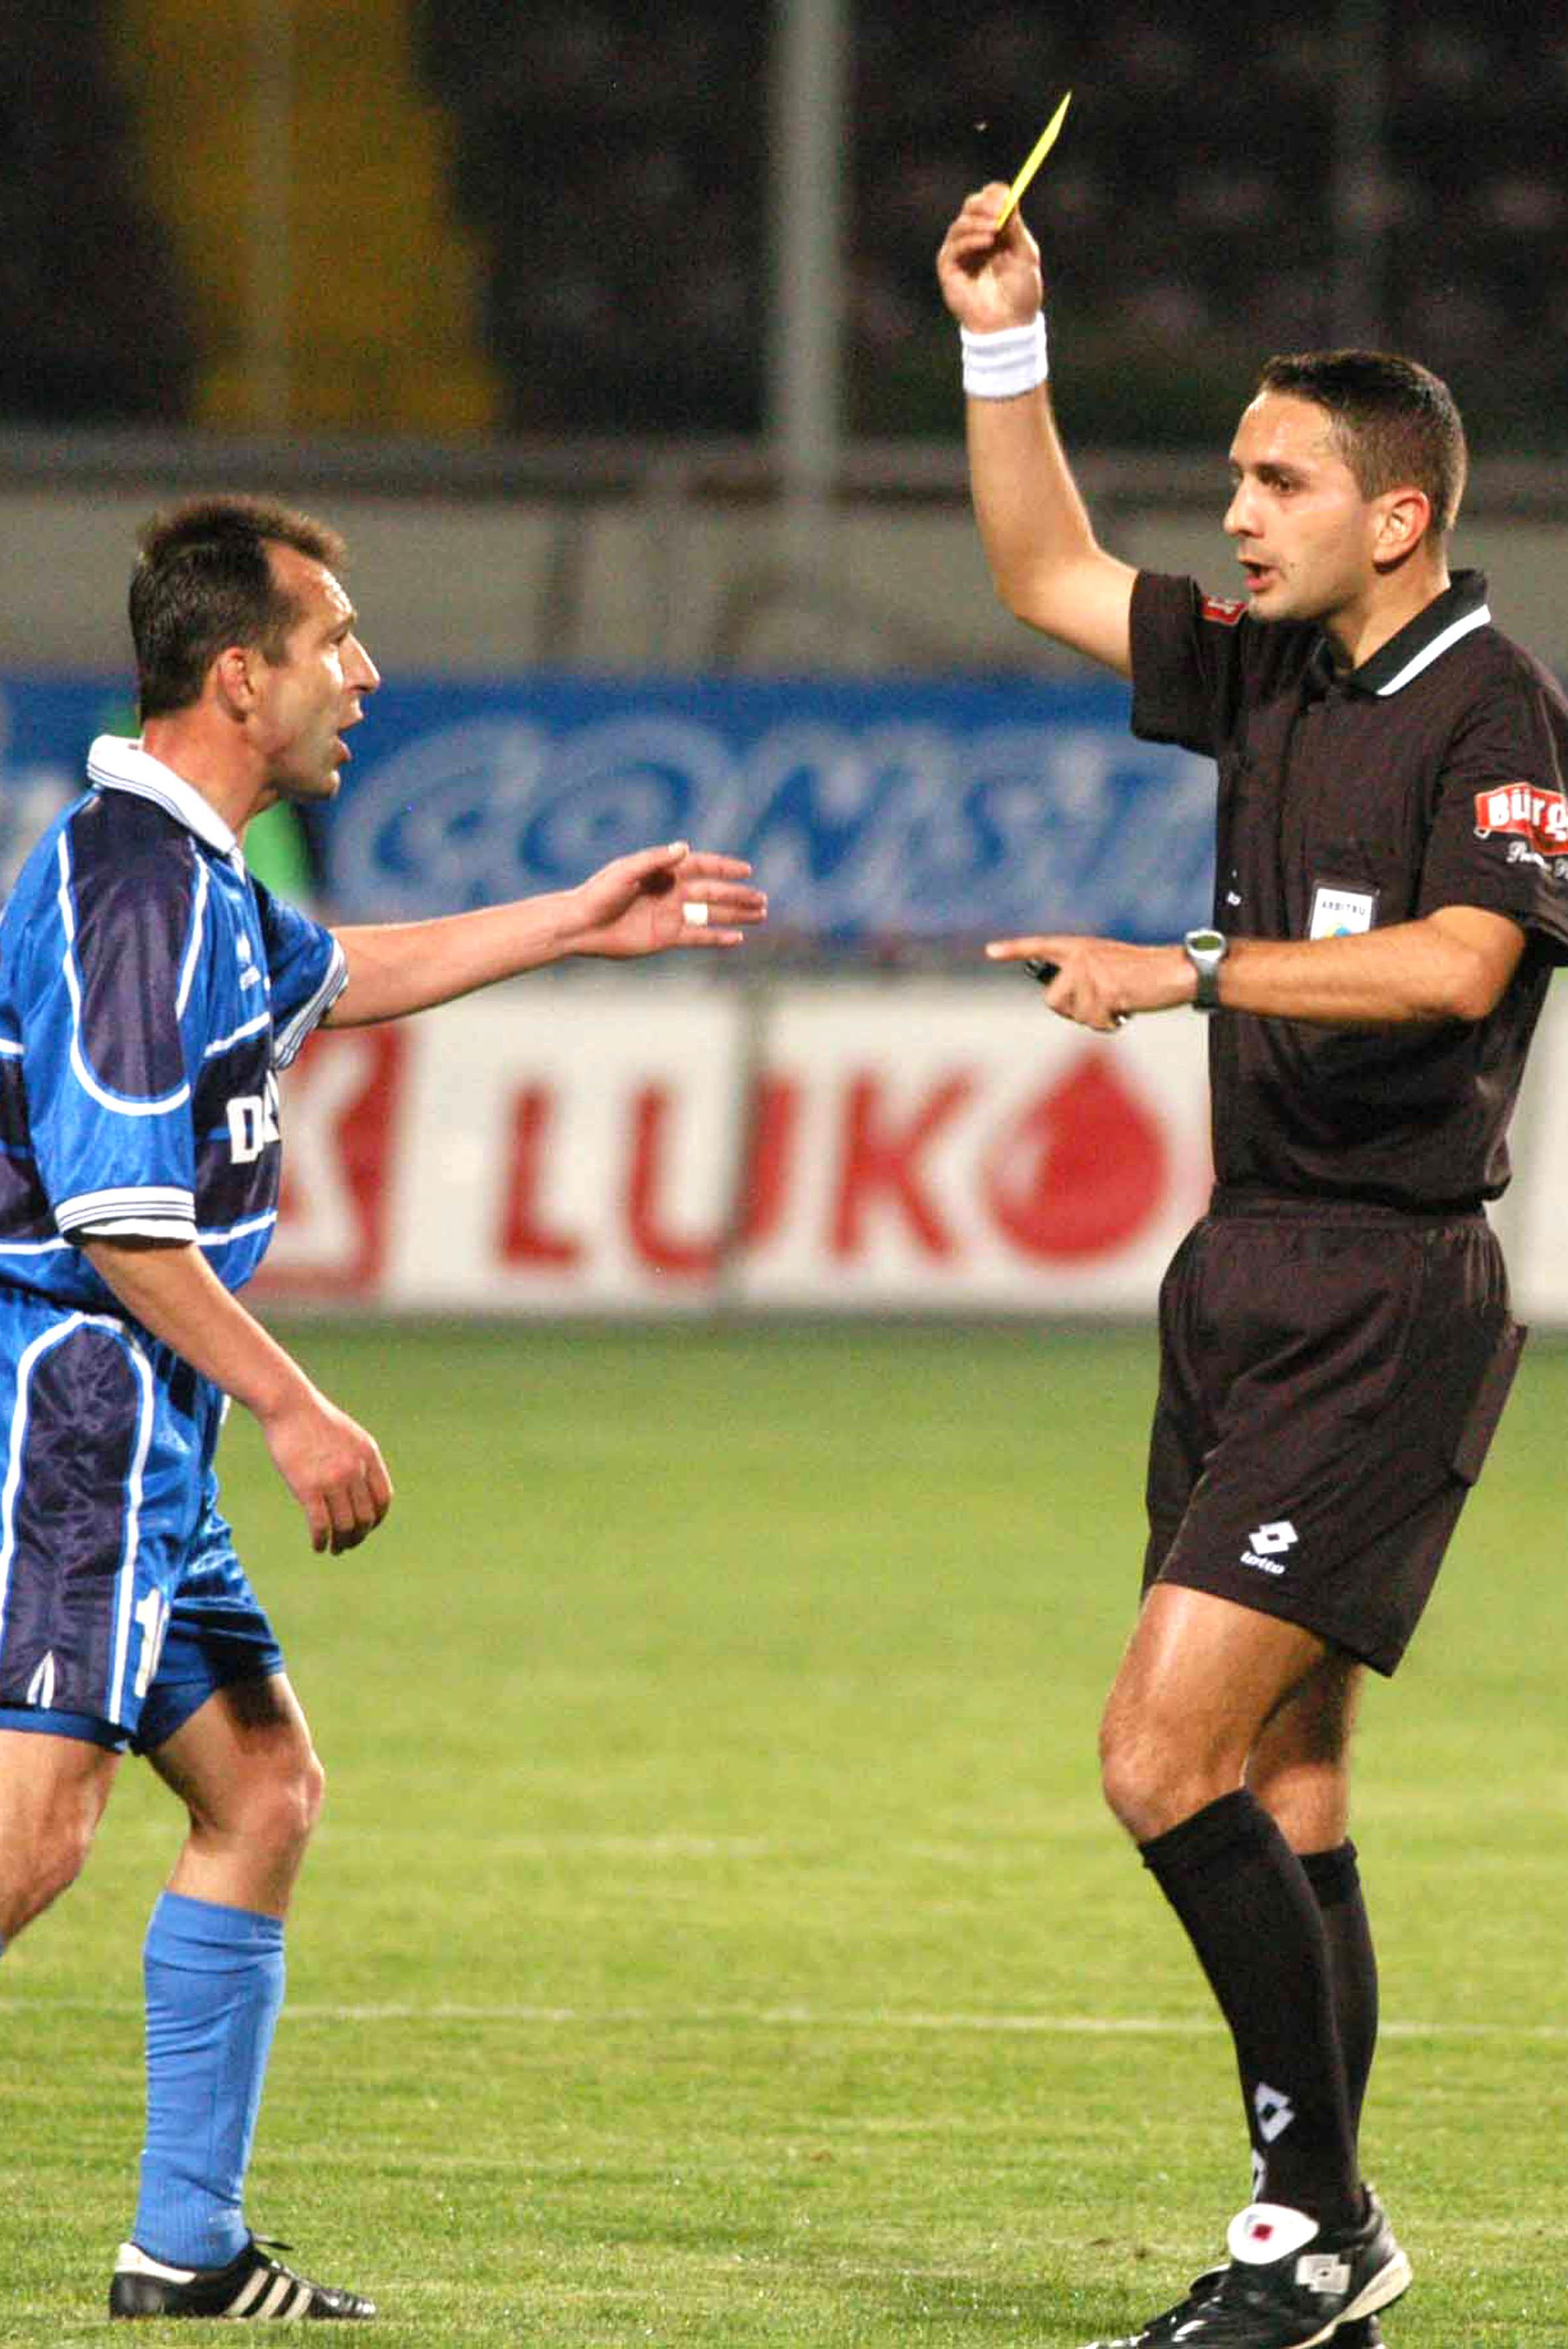 Daniel Iftodi, mărturisire despre meciurile trucate din Liga 1 Betano! Iftodi joacă fotbal